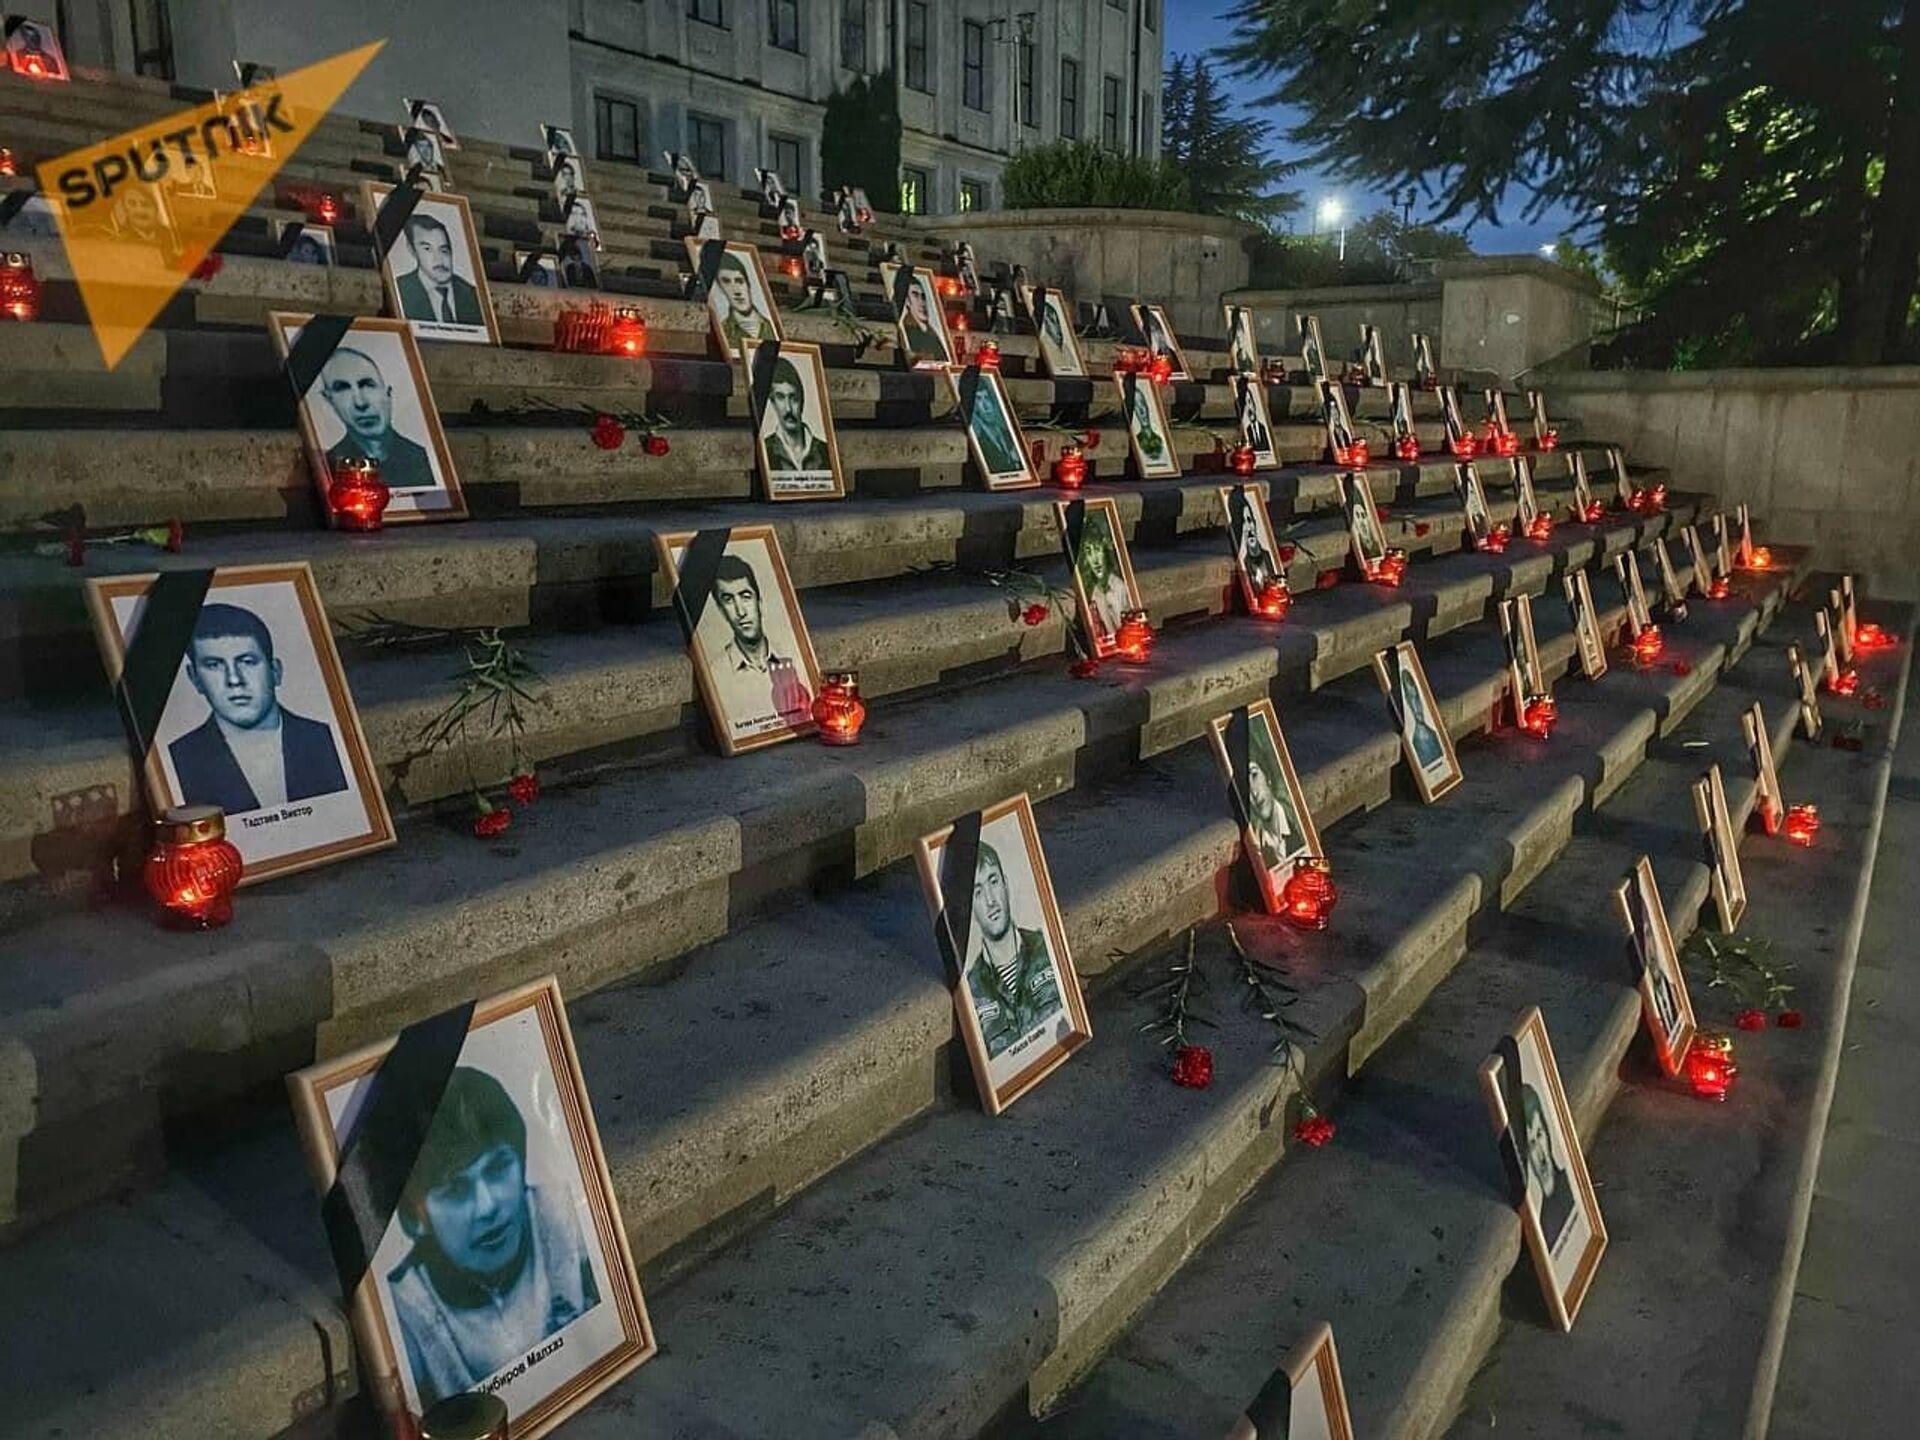 Погибших в августе 2008 года защитников Цхинвала и мирных жителей вспоминают на траурной акции, которая проходит на Гергиевской лестнице. - Sputnik Абхазия, 1920, 12.10.2021